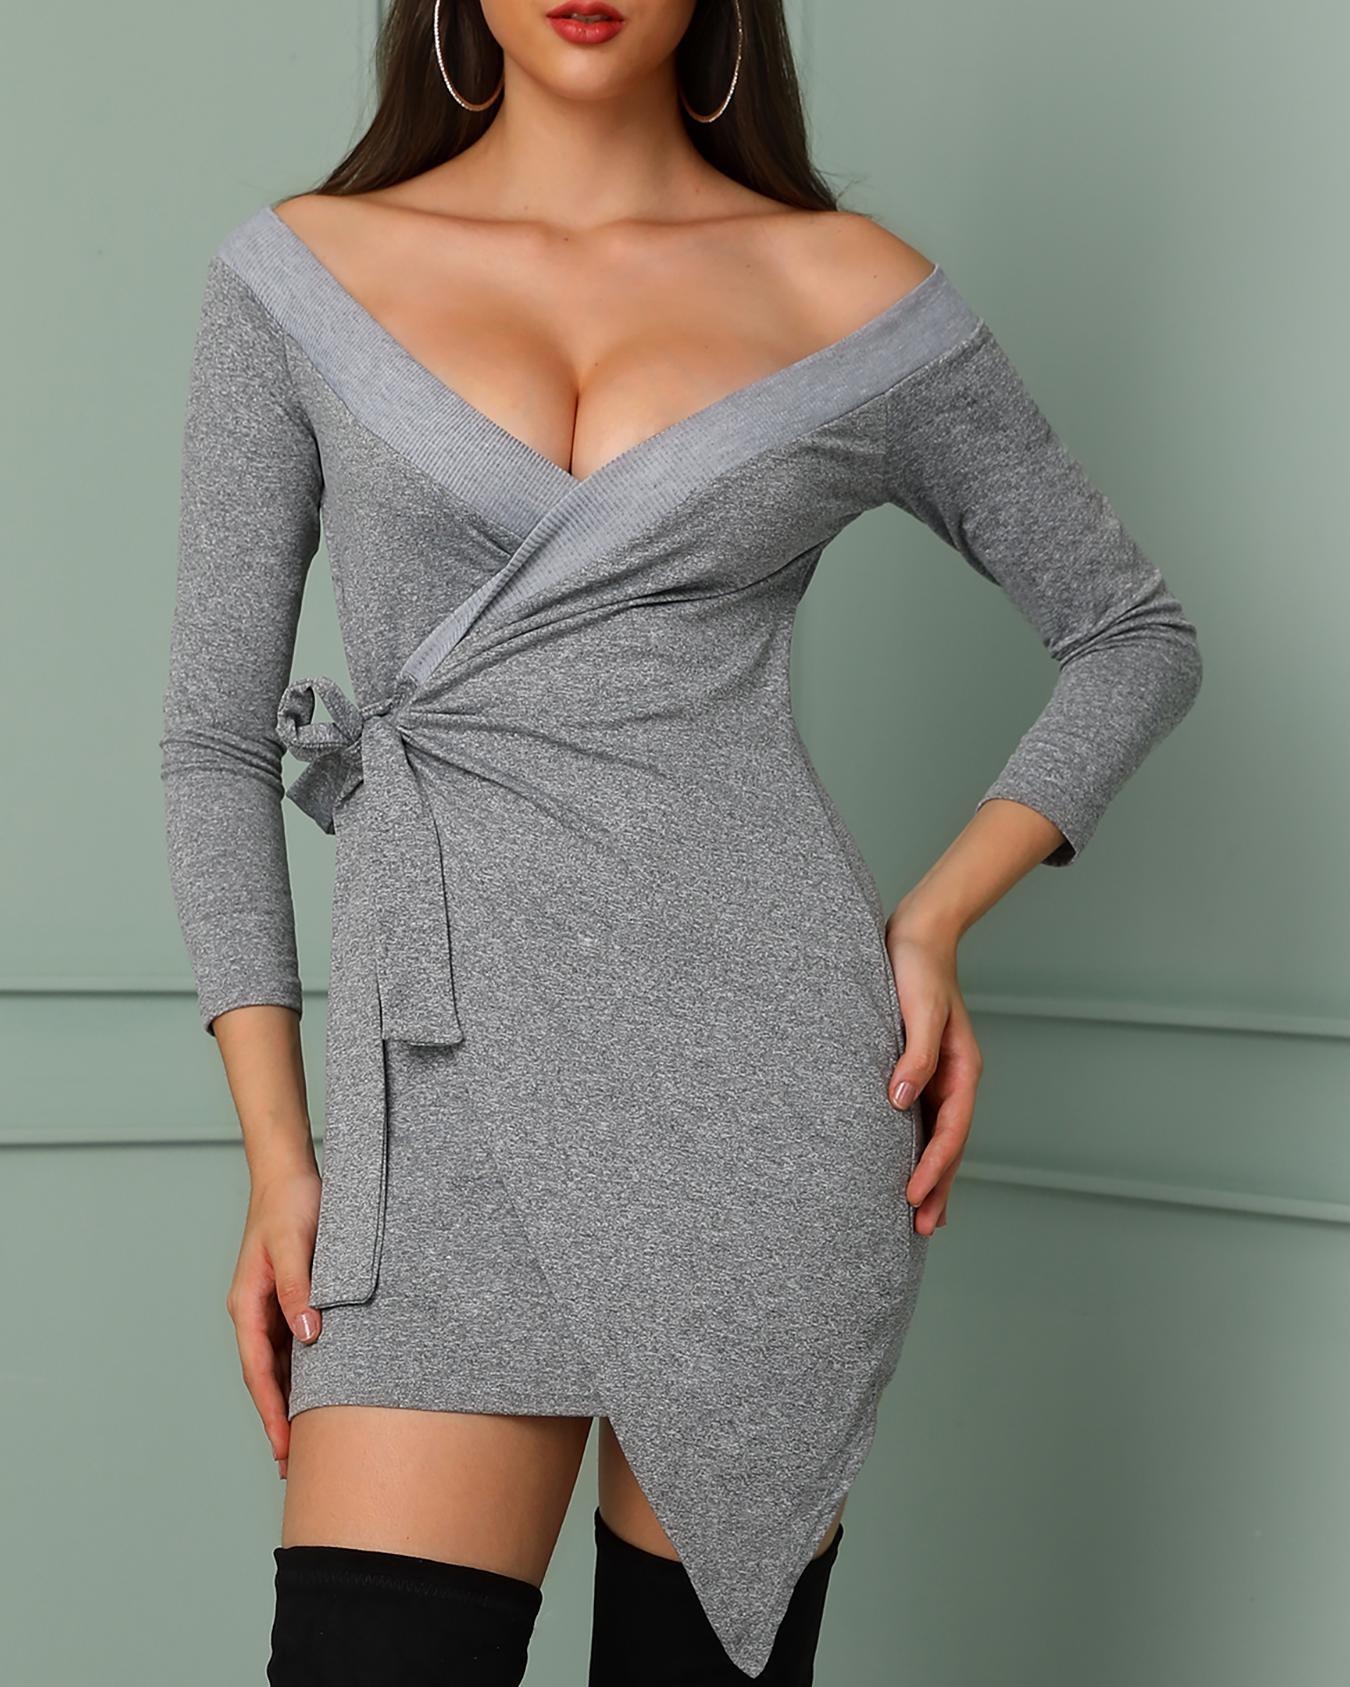 ivrose / Fora do ombro amarrado cintura bodycon wrap dress